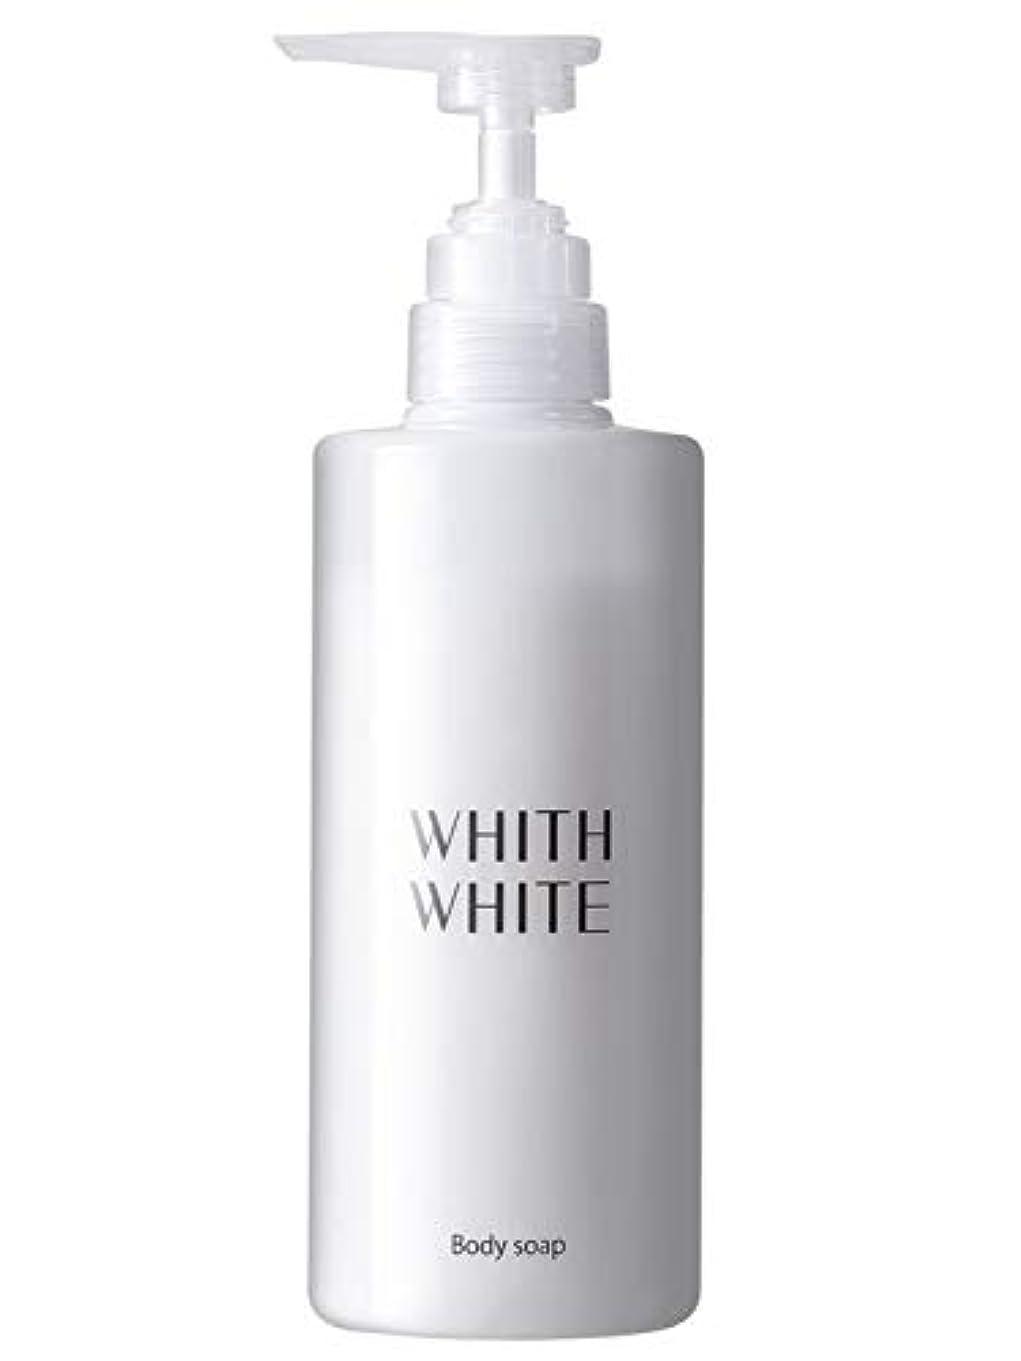 アルカイッククロストピック無添加 ボディソープ フィス ホワイト 【 エレガントフローラルのいい香り 】 保湿 ボディーソープ 「 泡で黒ずみ さっぱり ボディシャンプー 」「 ヒアルロン酸 コラーゲン セラミド 配合」450ml